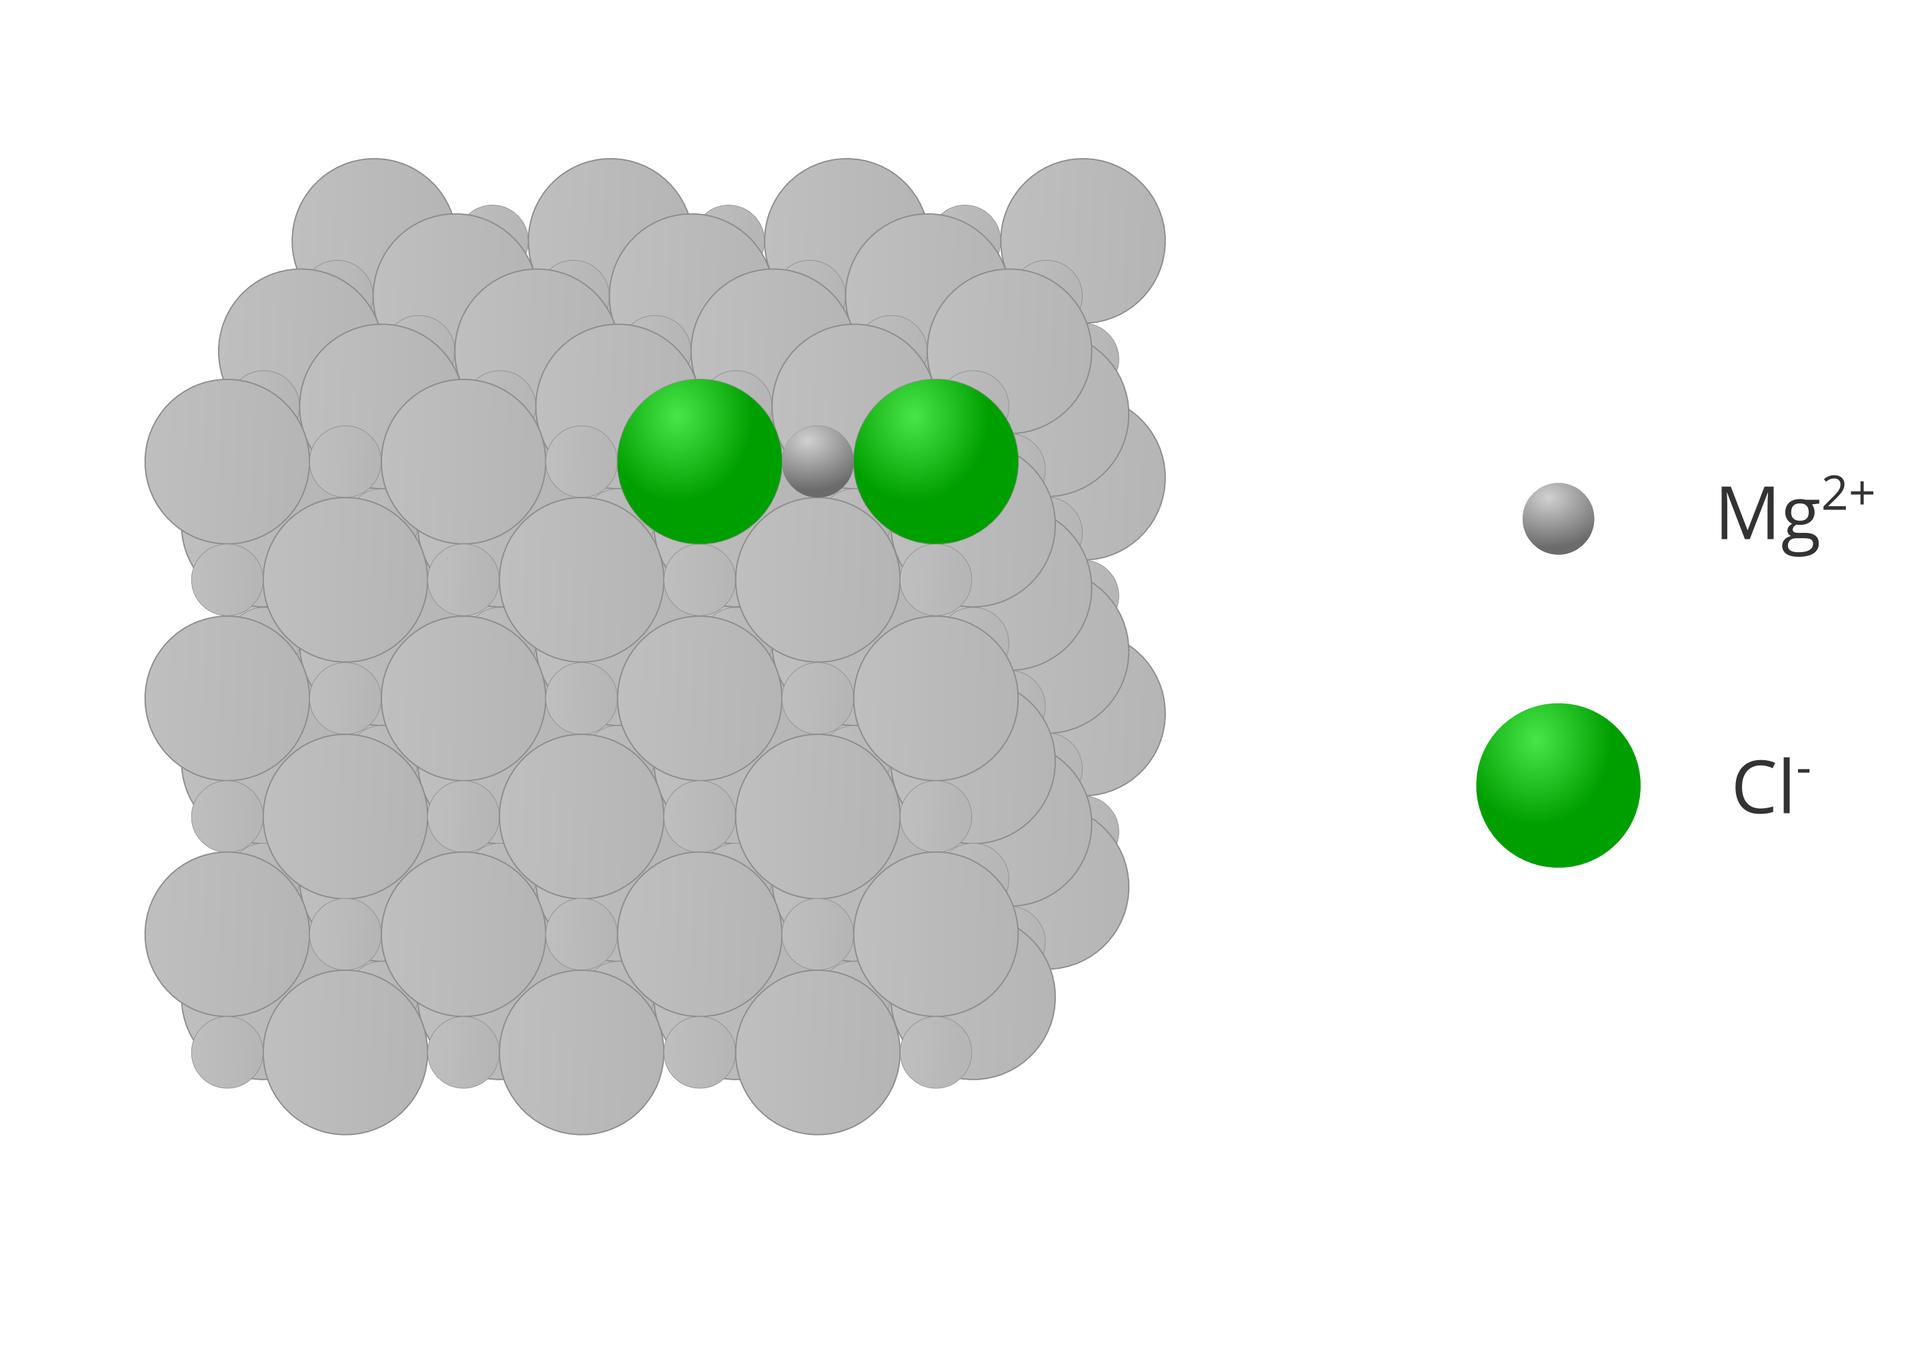 Ilustracja przedstawia wycinek atomowego modelu kryształku chlorku magnezu. Zlewej strony widoczny jest sześcian składający się zwiększych imniejszych kół złożonych wregularny deseń, które dla większej czytelności obrazka zostały wyszarzone. Dwa aniony chlorkowe ijeden anion magnezowy tworzące cząsteczkę zostały wyróżnione kolorami, apo prawej stronie znajduje się ich opis zsymbolami Mg2+ iCl-.